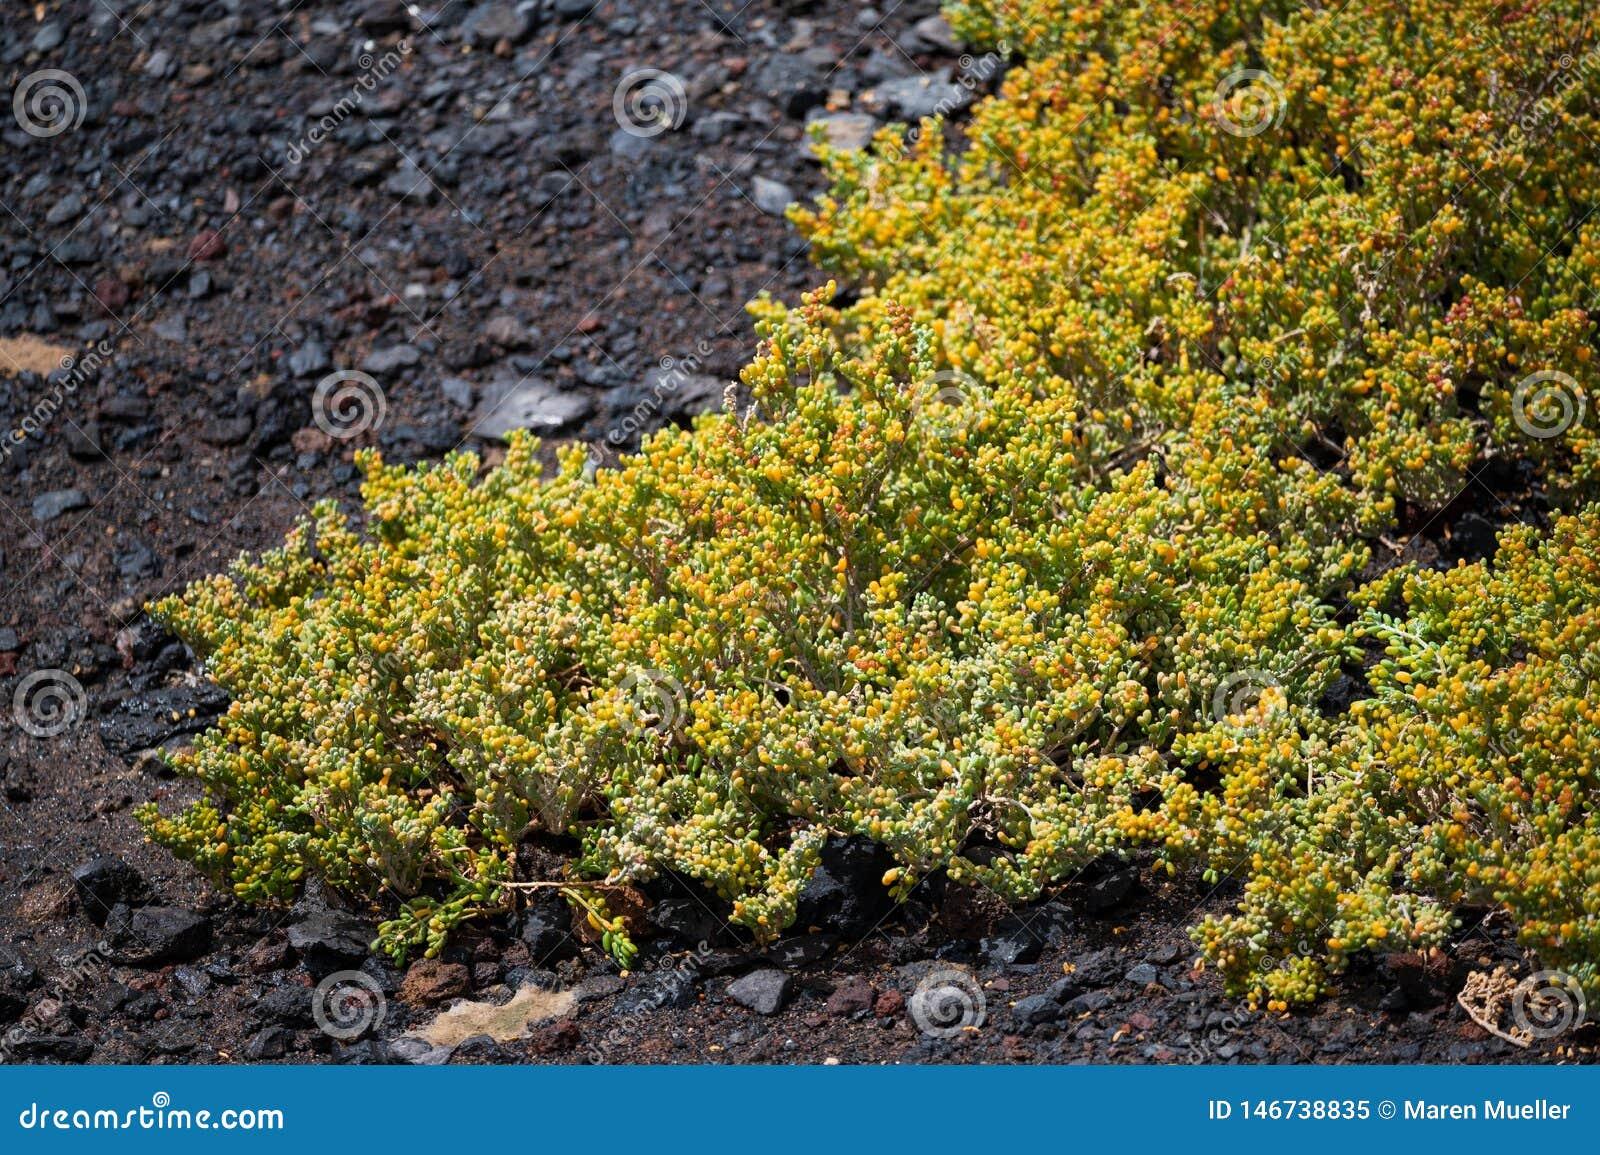 El nombre científico de esta planta es